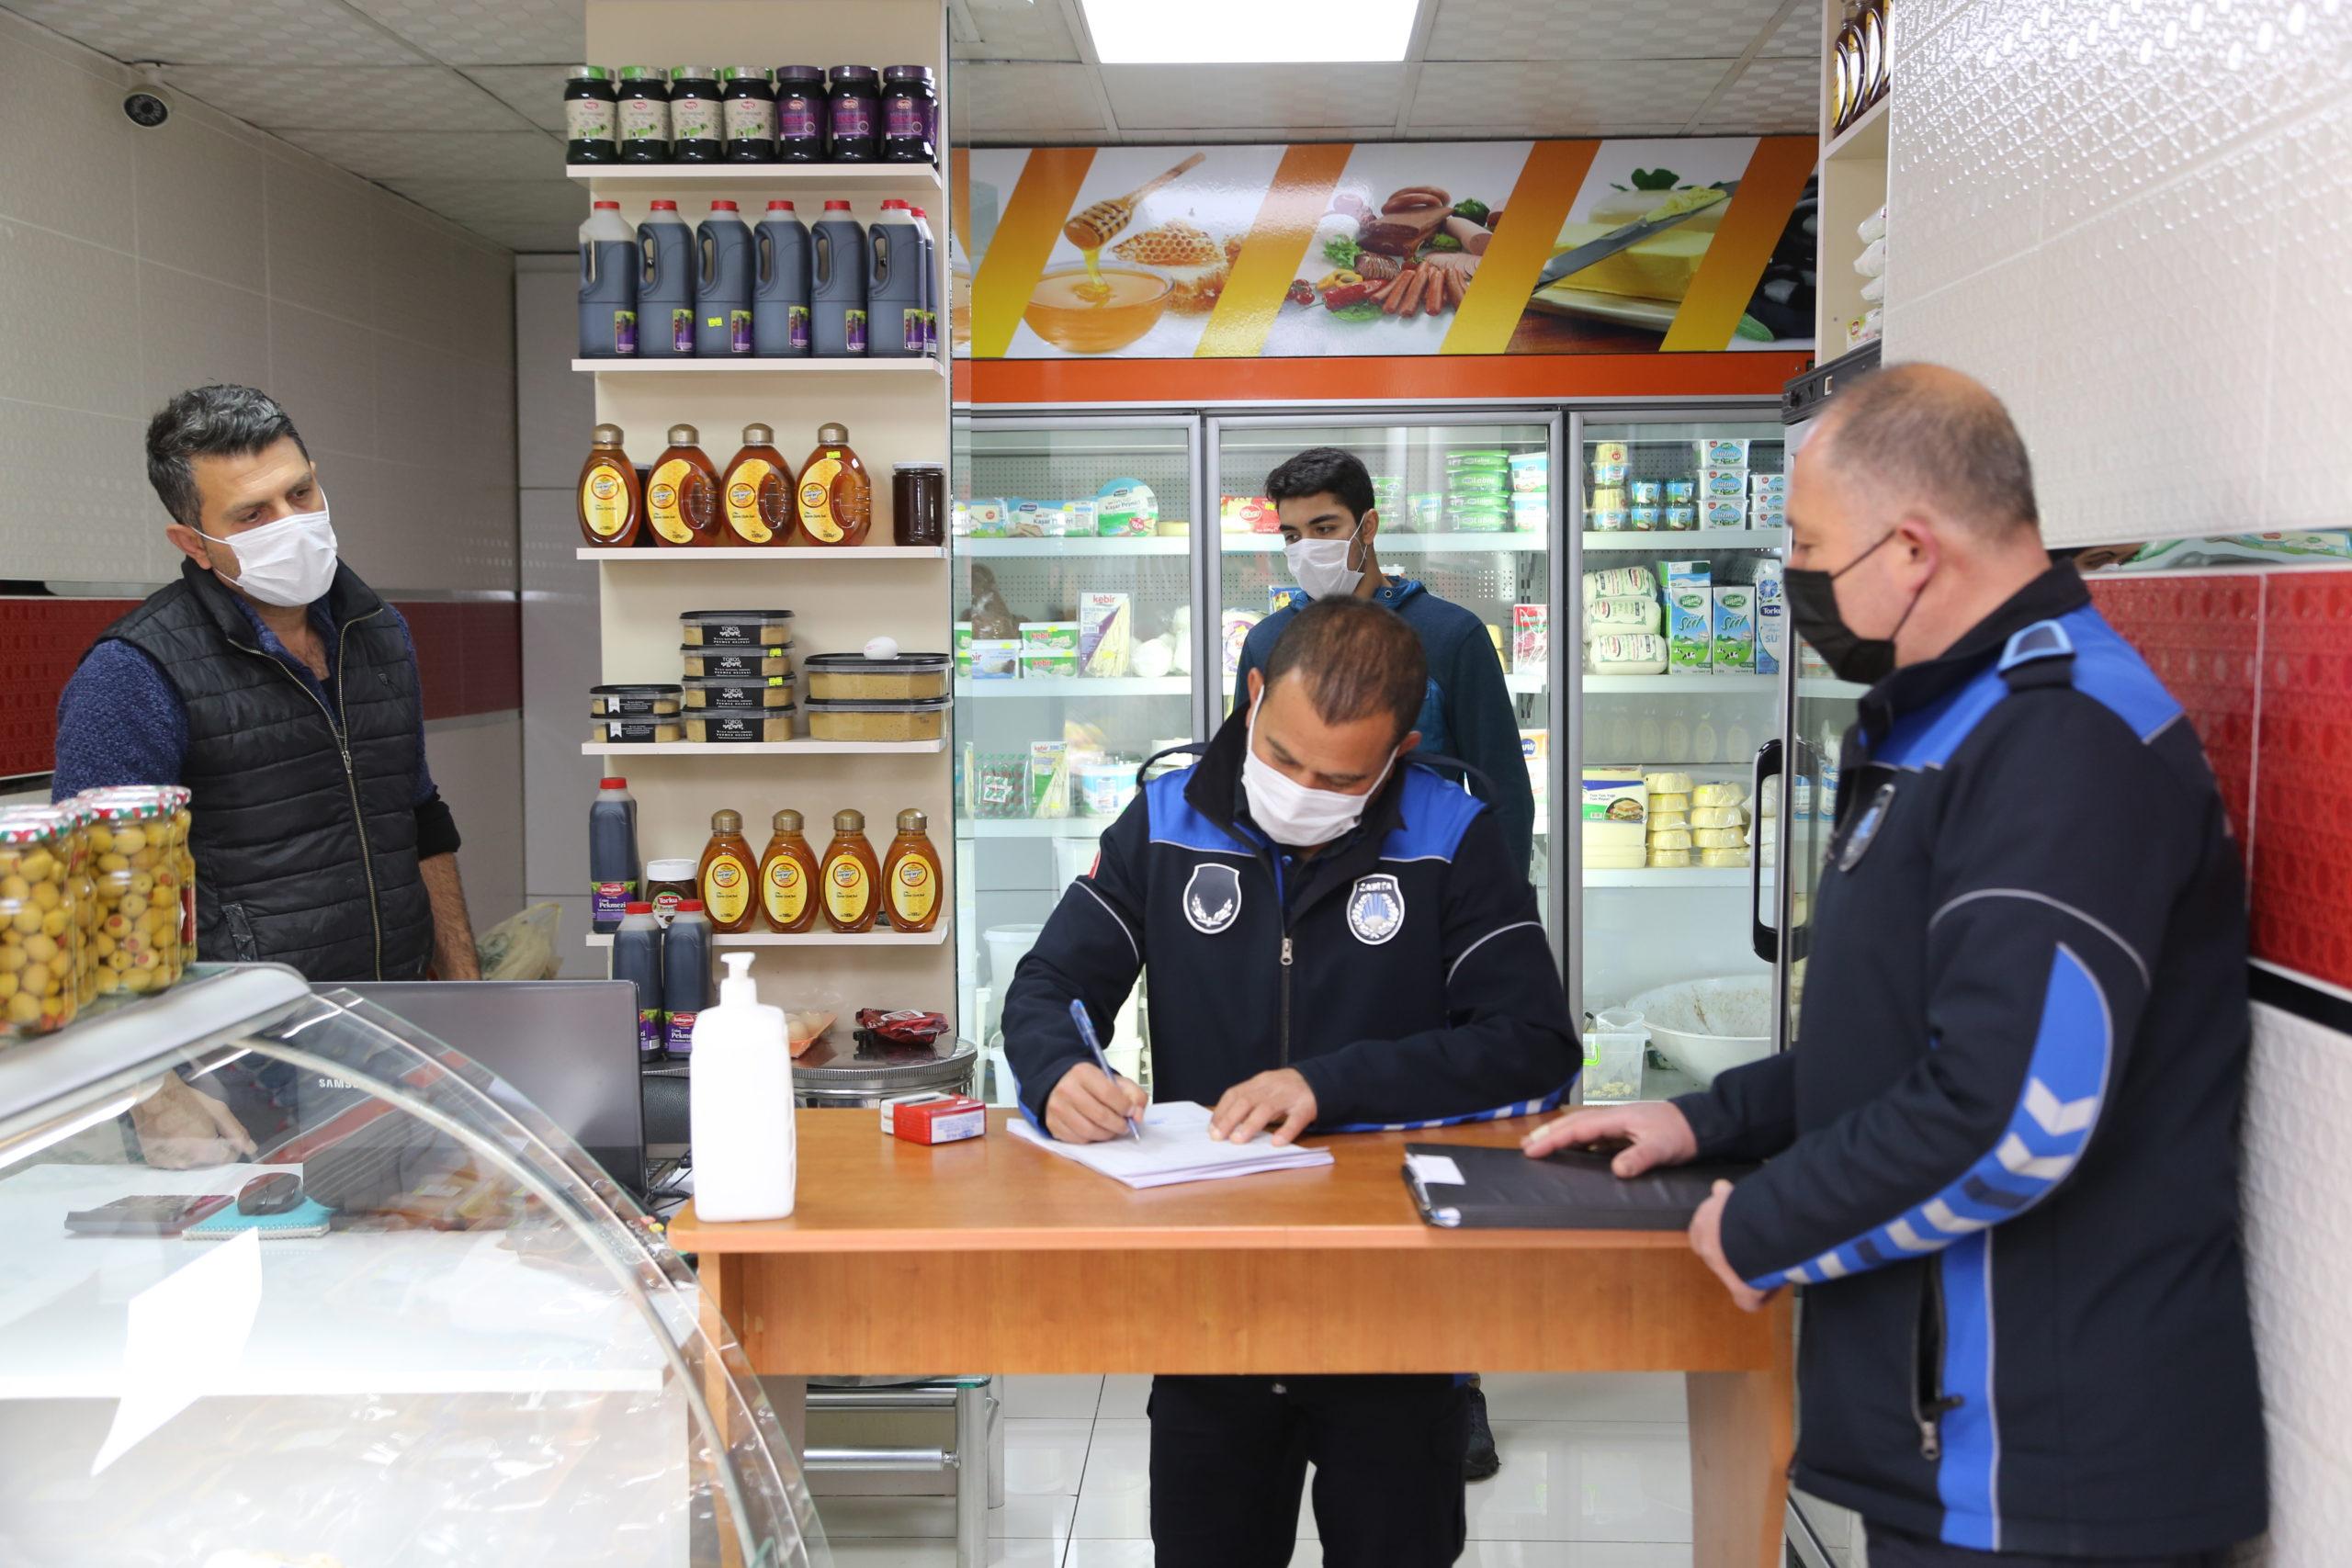 Erdemli'de Salgın Denetimleri Sorunsuz Sürüyor